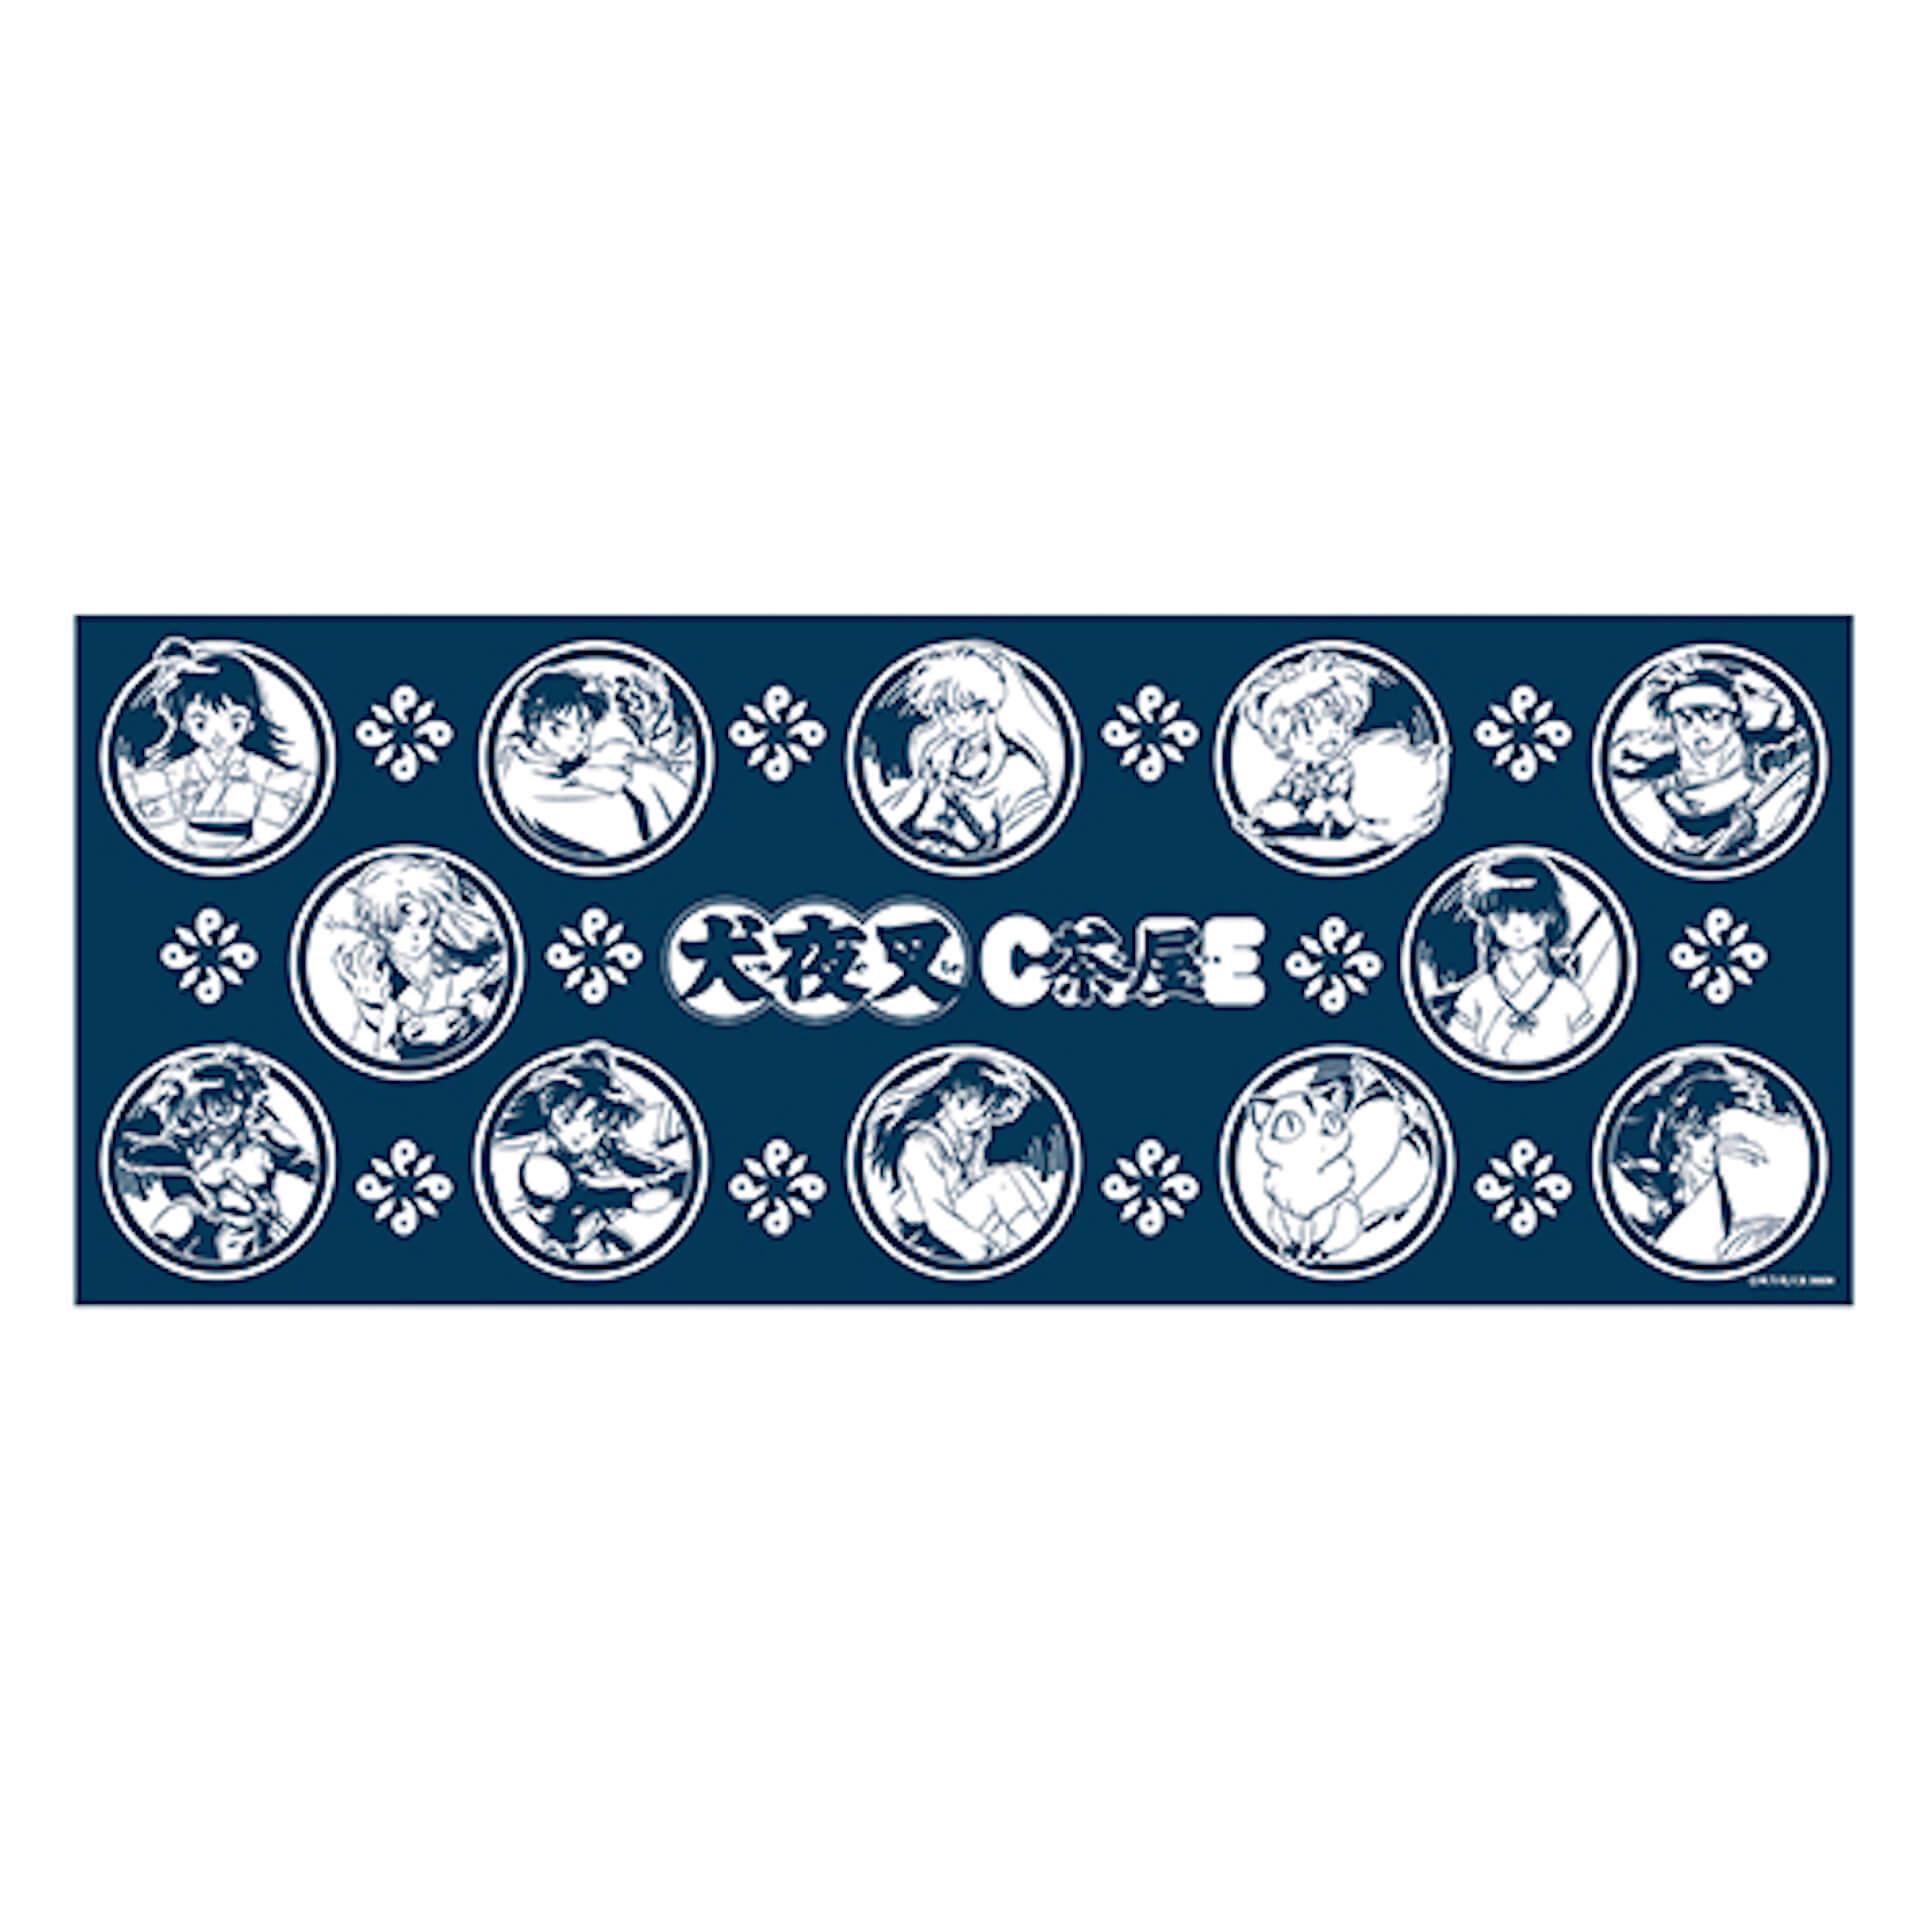 犬夜叉カフェが渋谷PARCOに期間限定オープン決定!名古屋・大阪でも開催&殺生丸・かごめら人気キャラクターの特別グッズも art200717_inuyasha_18